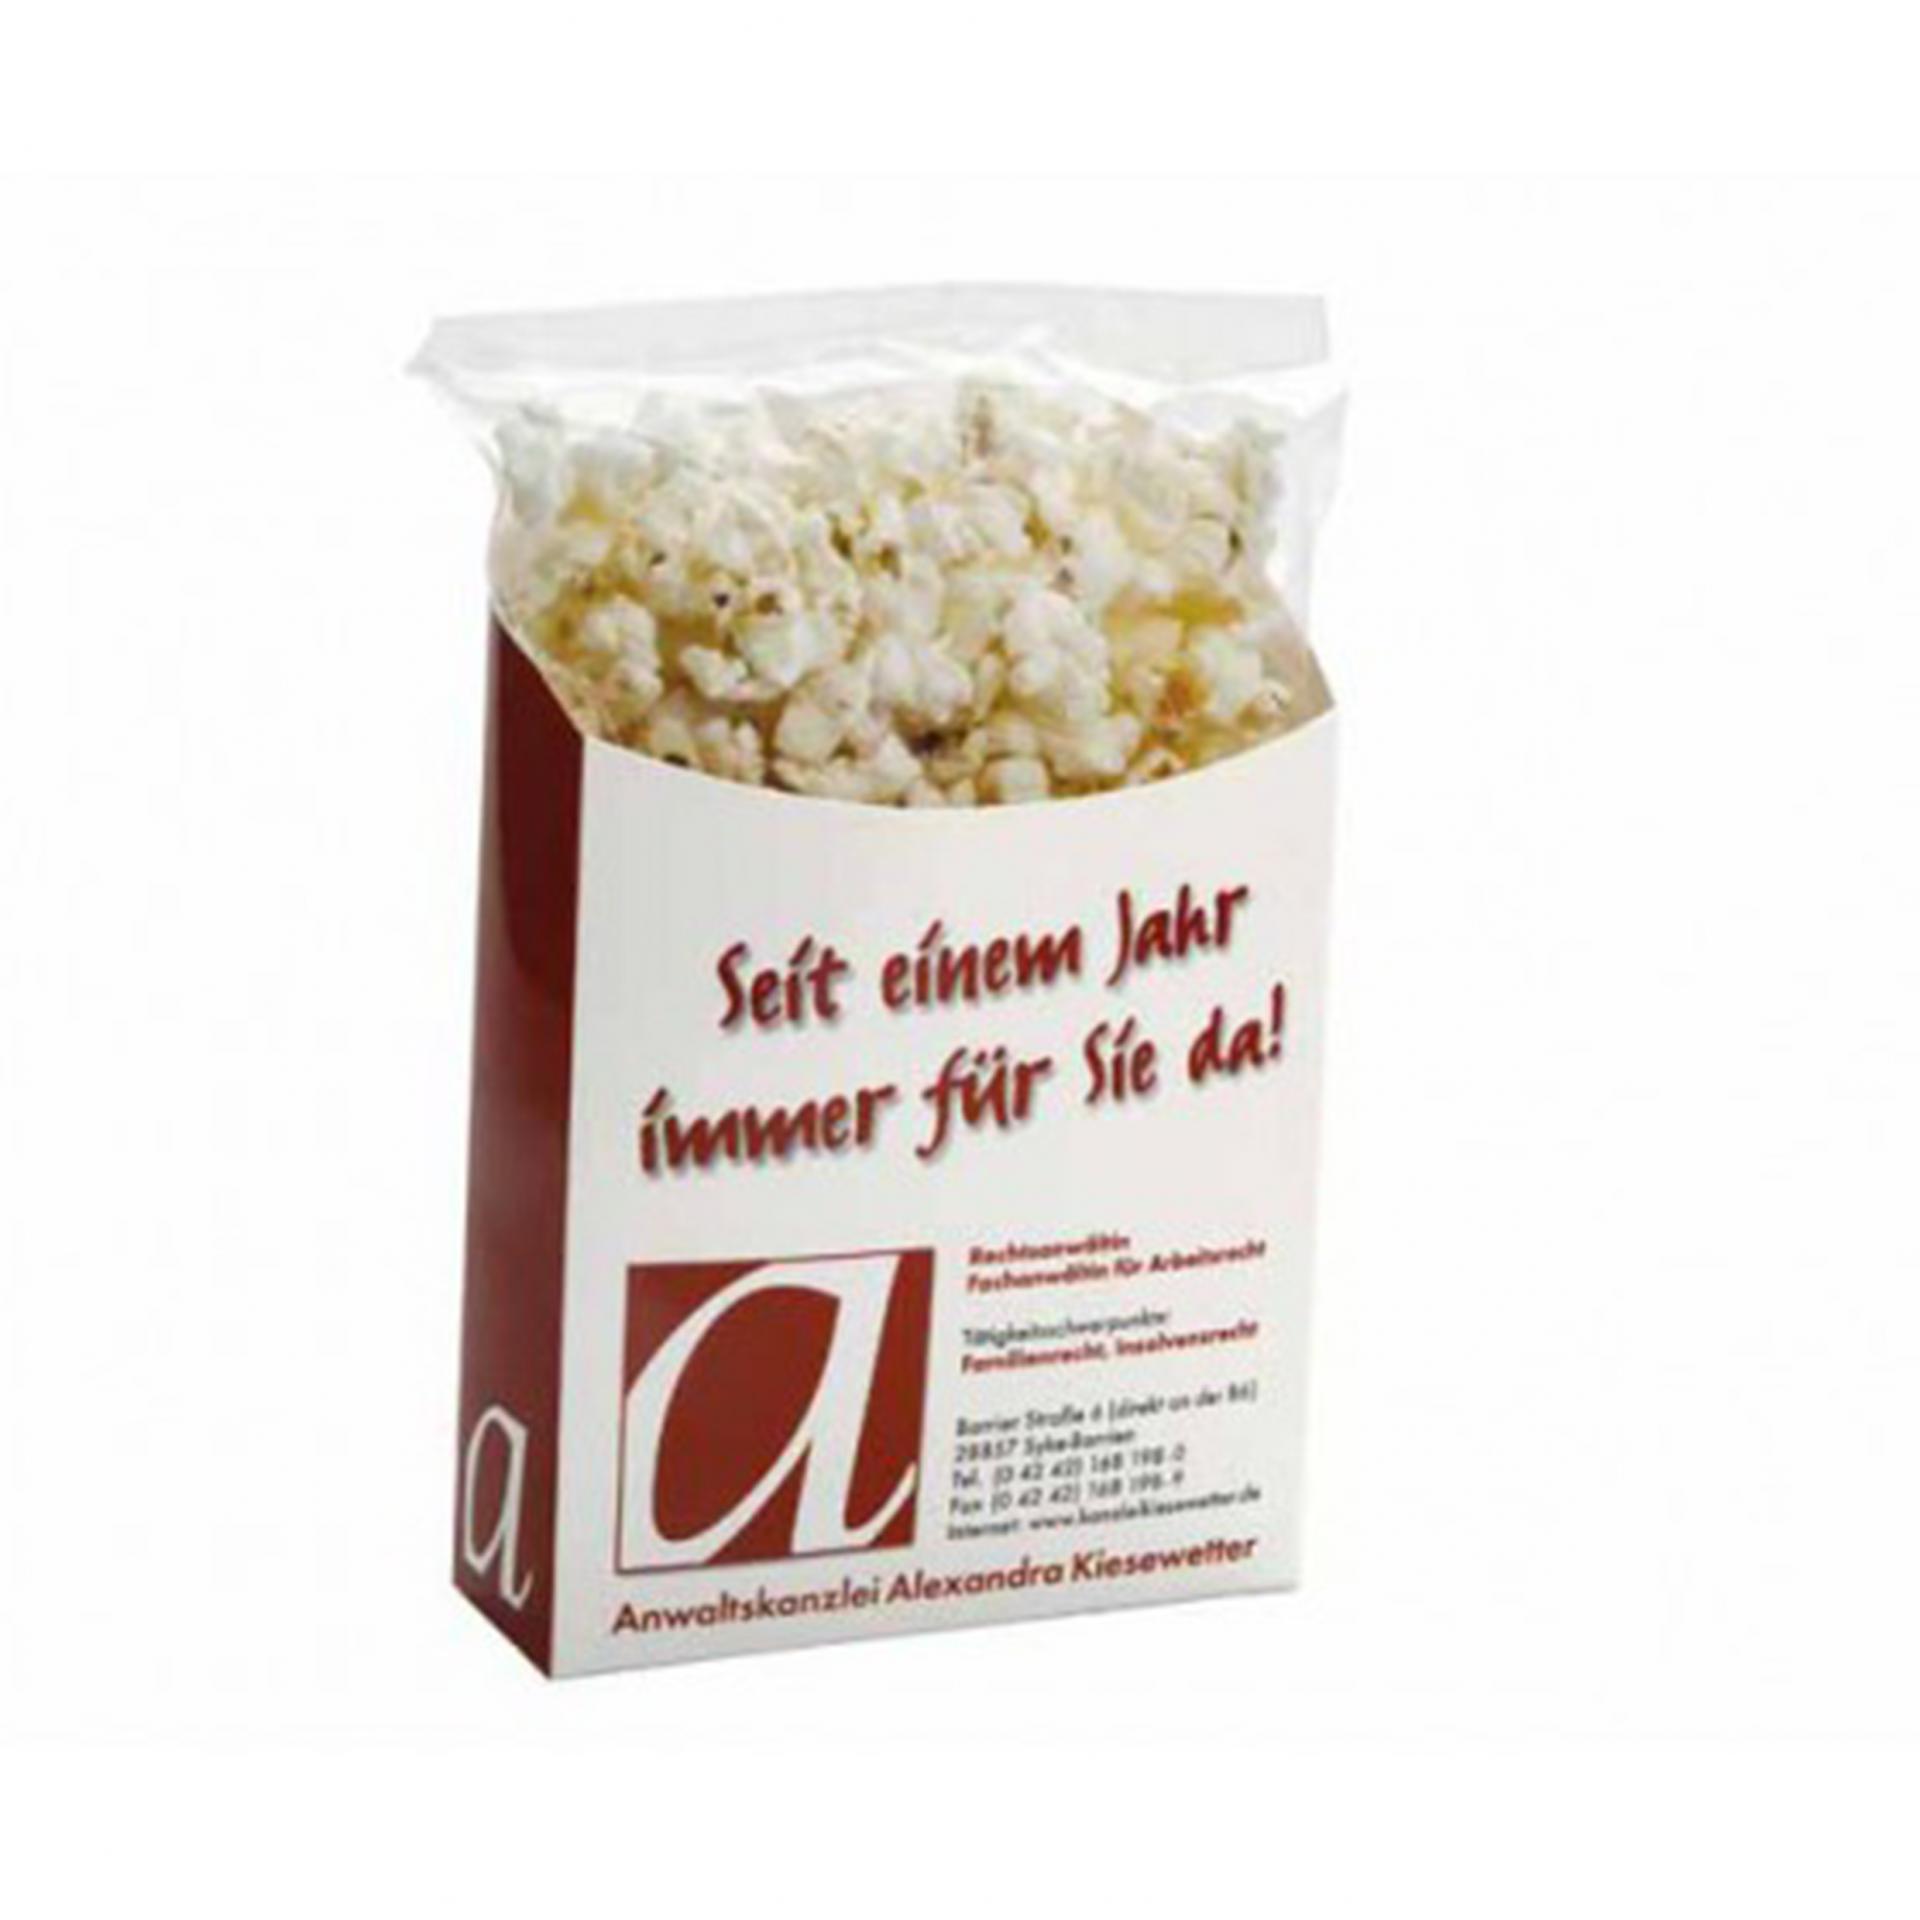 Uitdeeldoos met popcorn